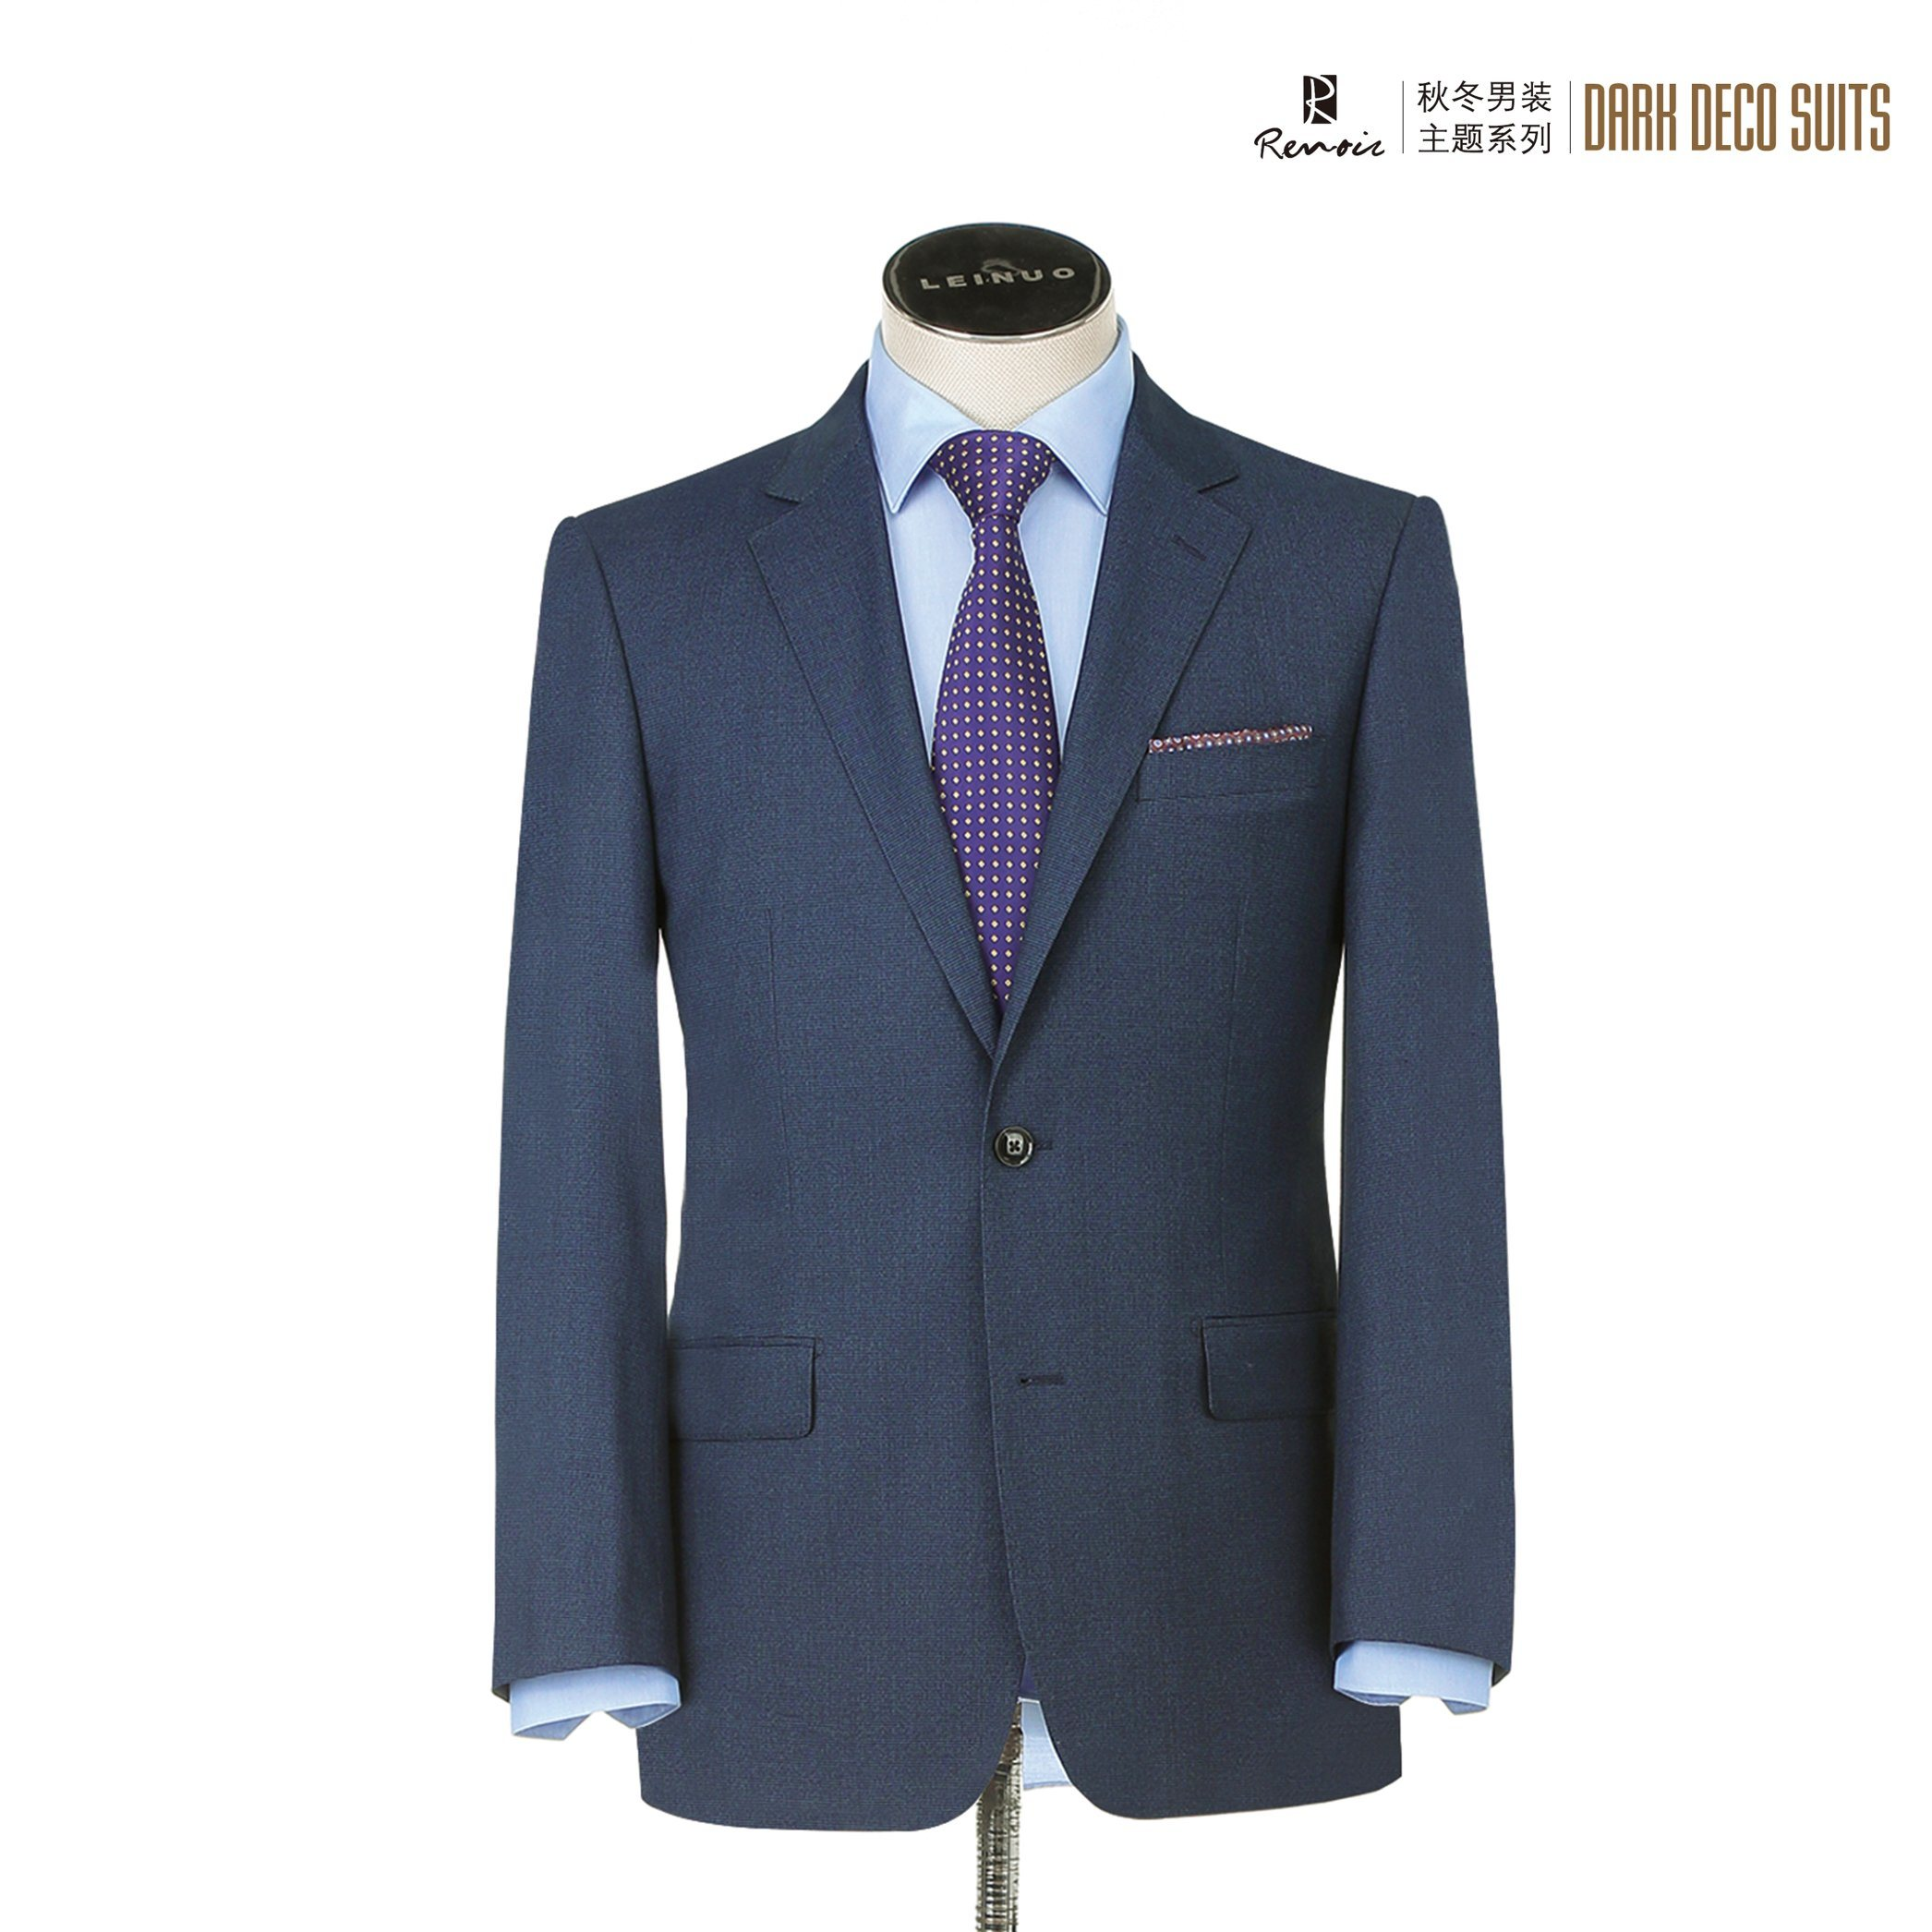 OEM 2 Piece Classic Fit Men′s Business Suit